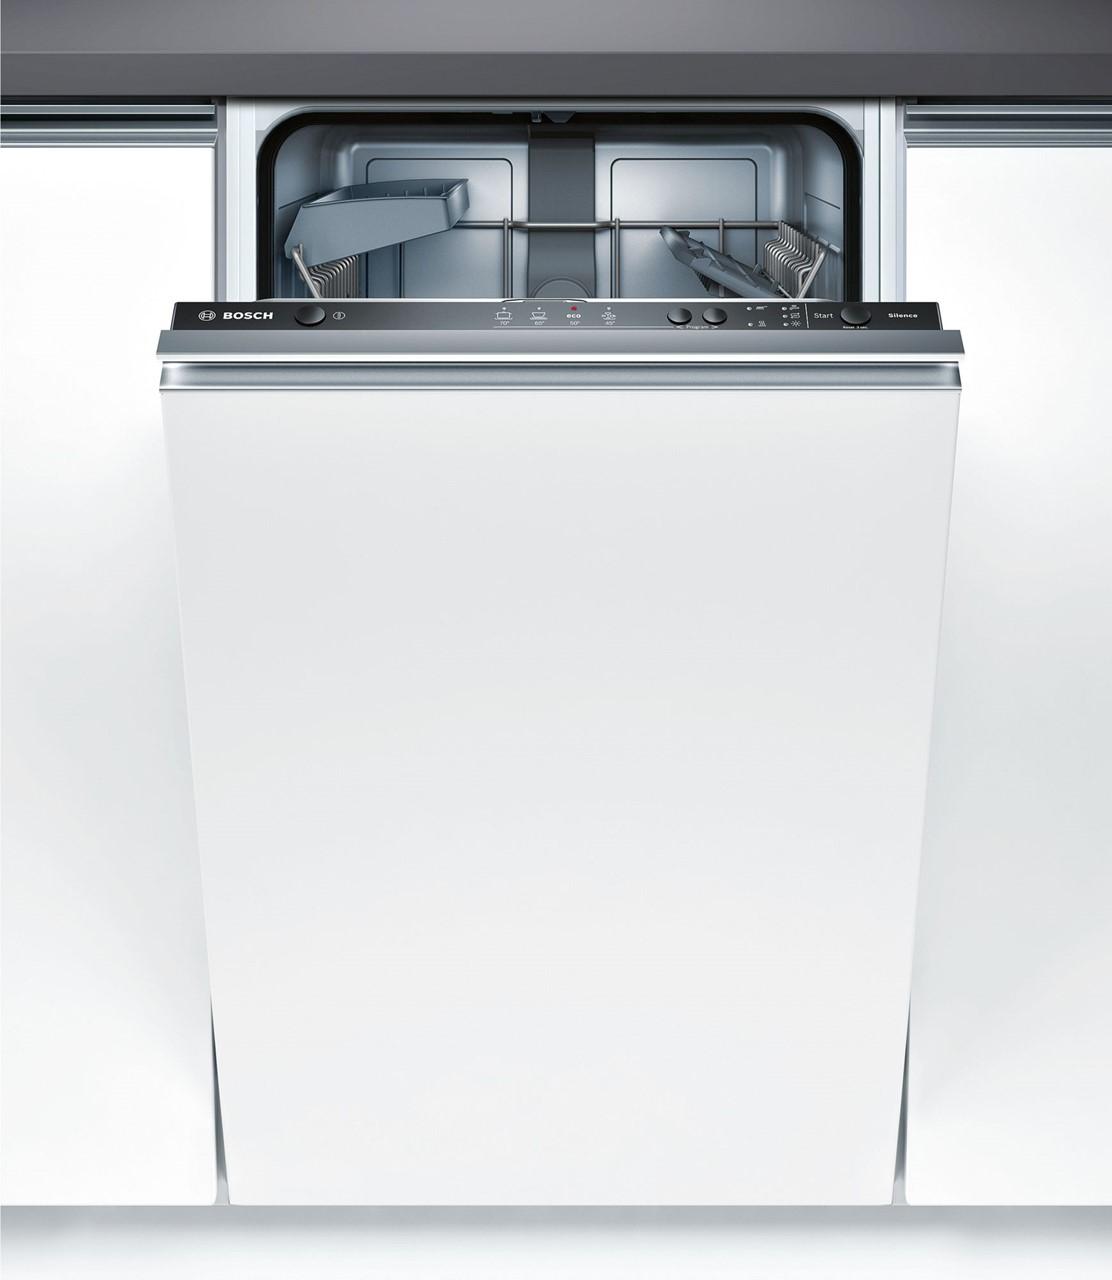 Bosch Vollintegrierter Geschirrspuler 45cm Spv40e40eu Silver Tech